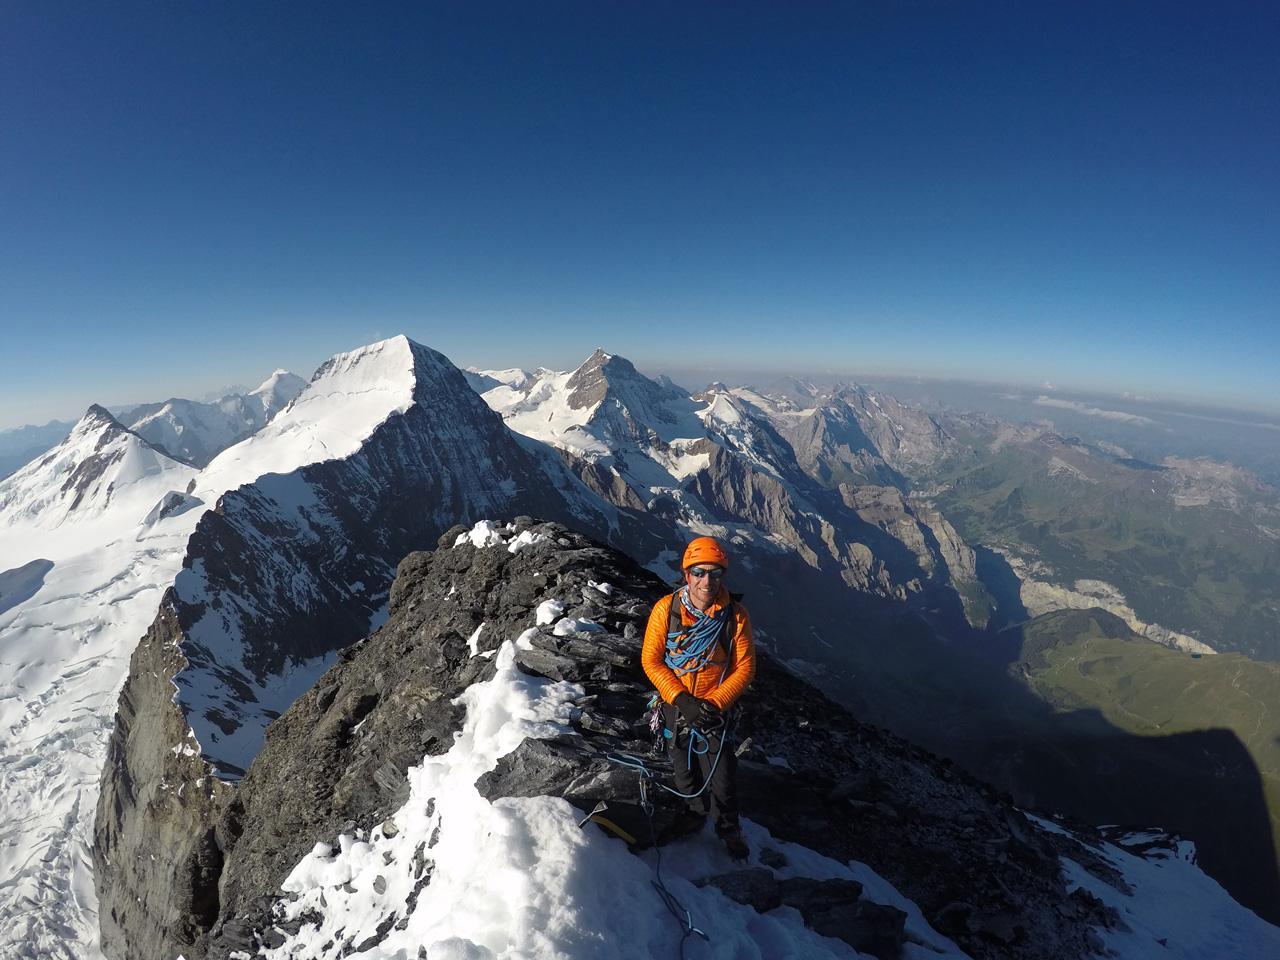 Guillaume Omont, sommet du Eiger avec vues sur le Mt Mönch, vers l'Ouest!